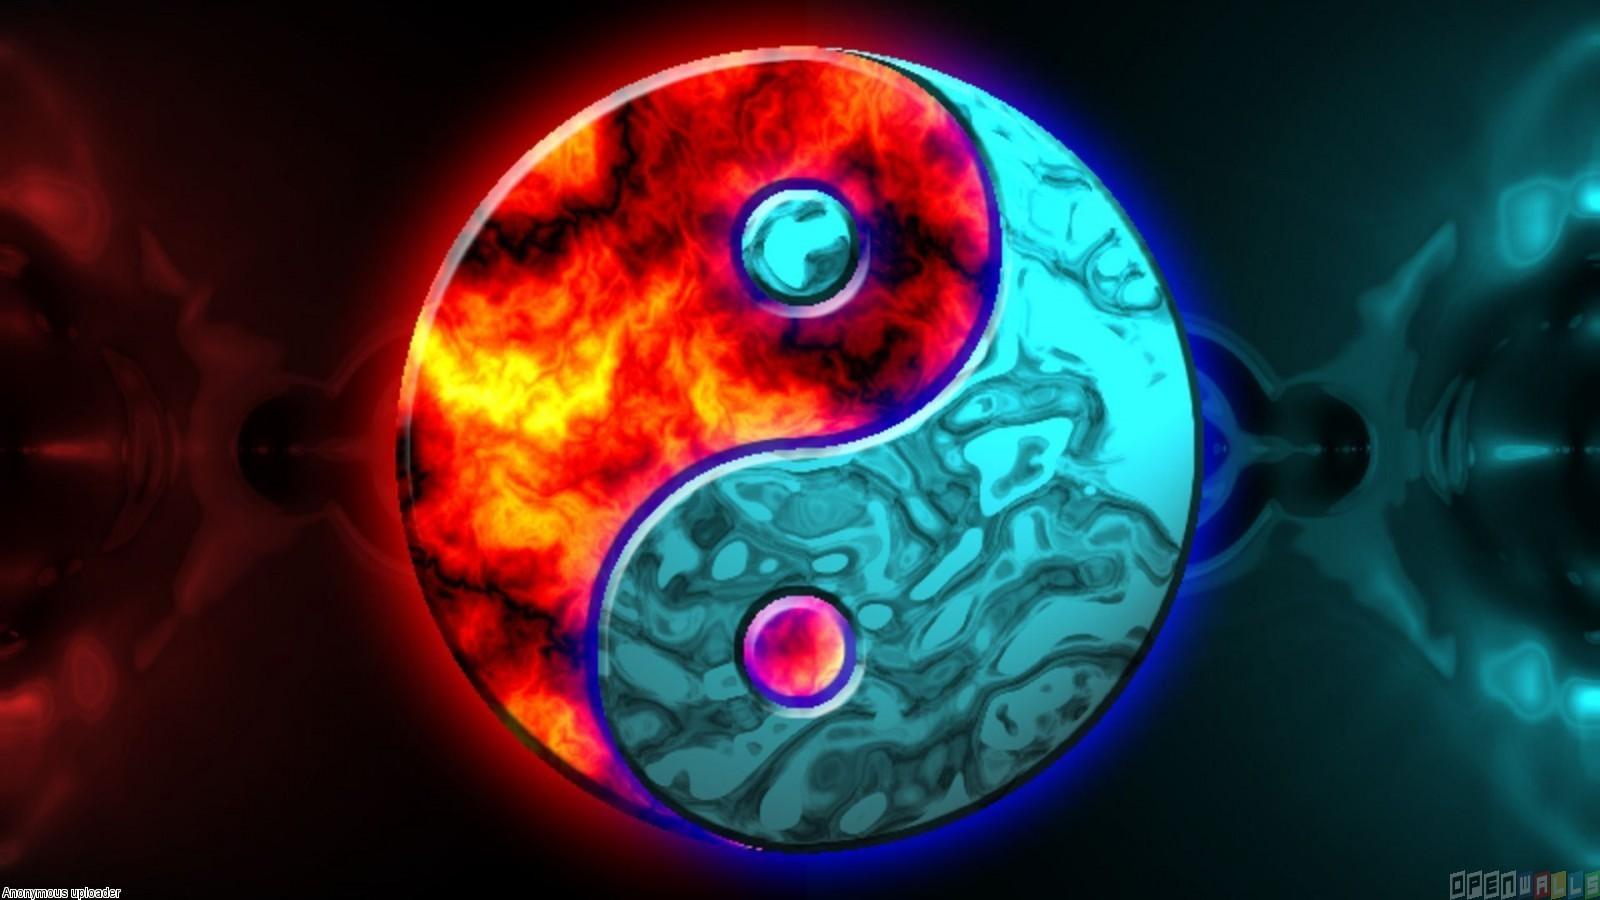 Ying Yang Wallpaper - LiLz.eu - Tattoo DE